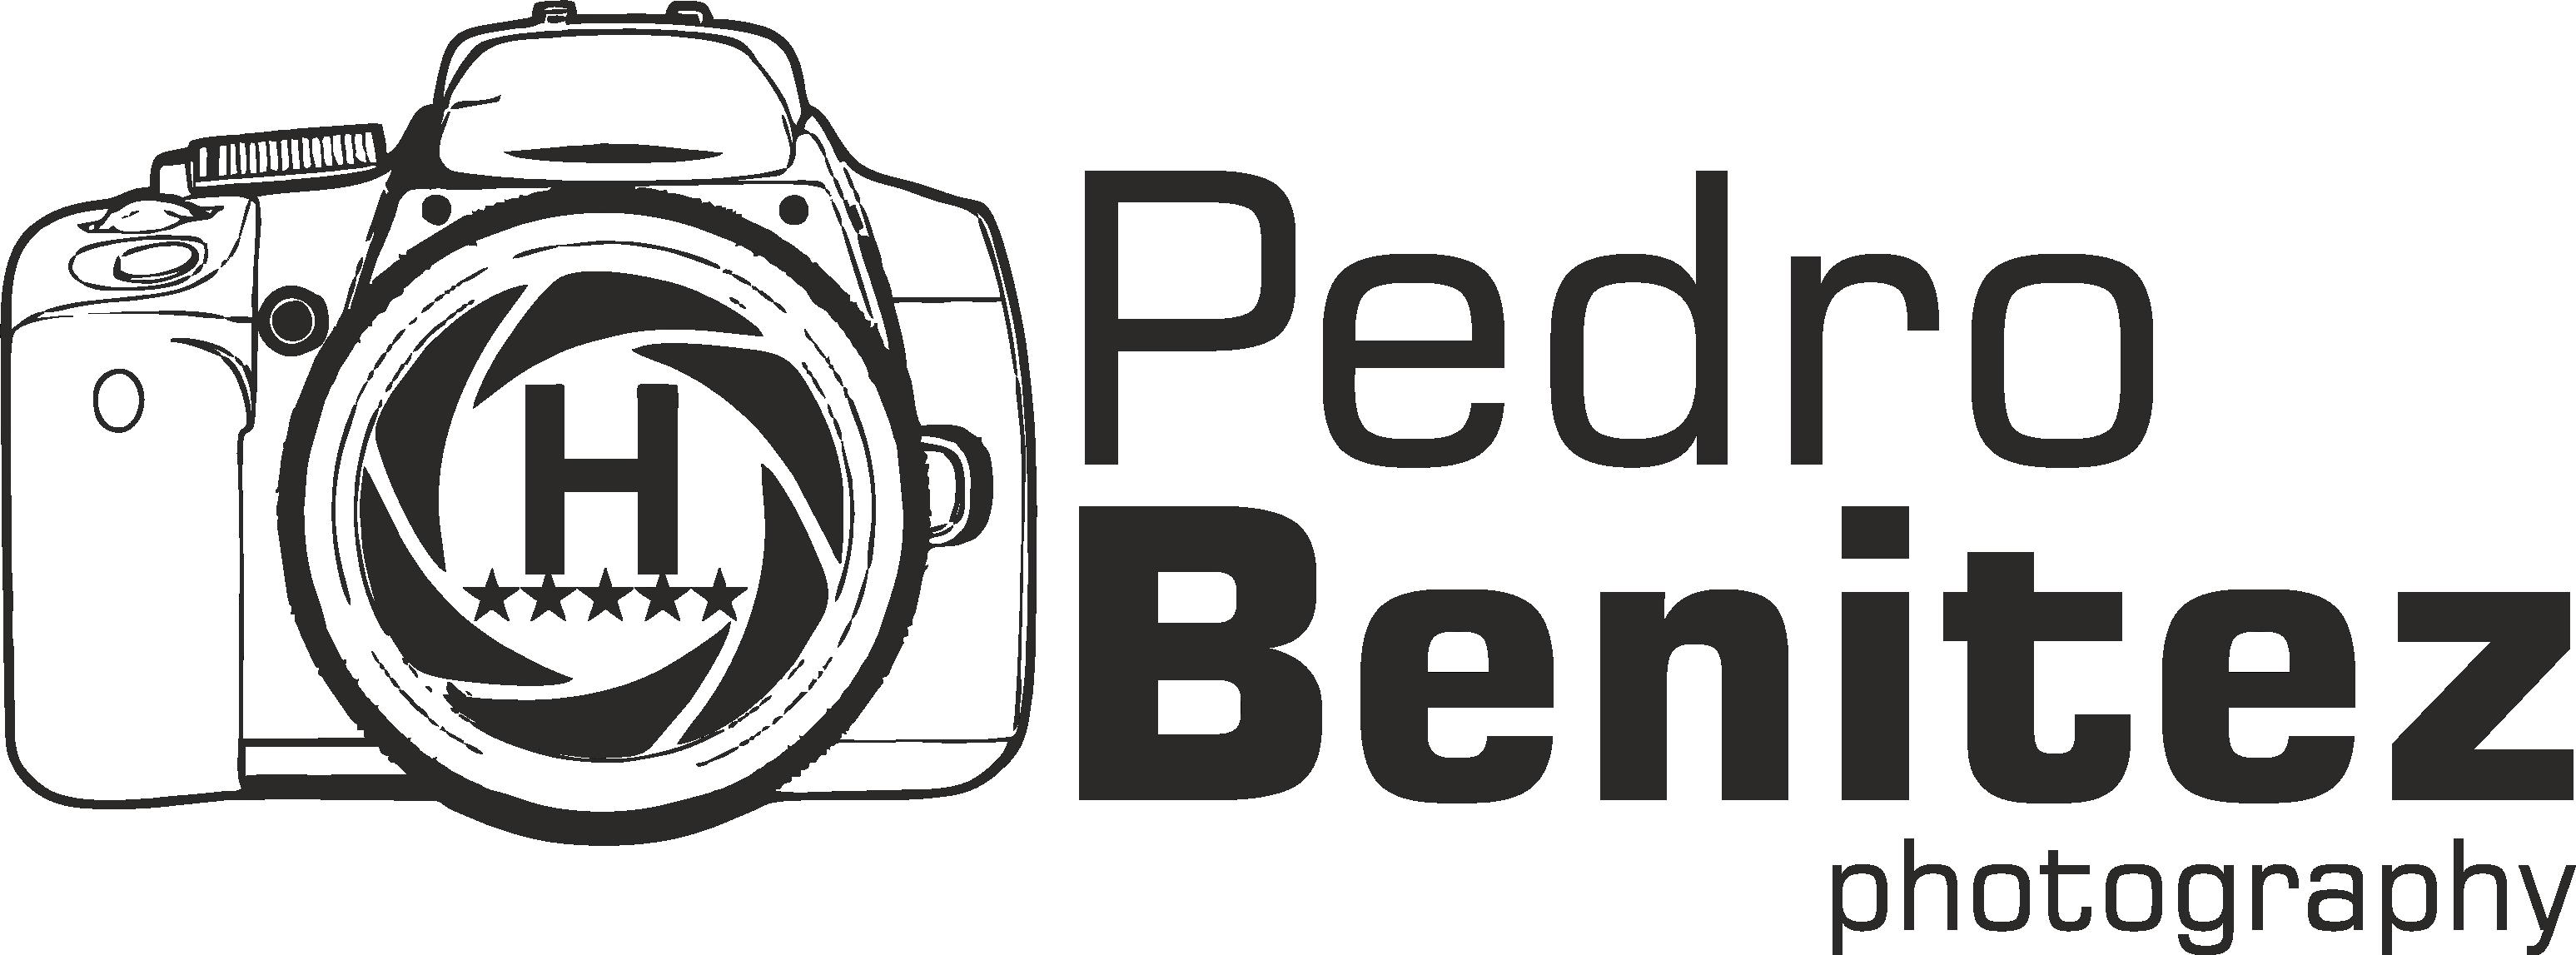 Pedro Benitez